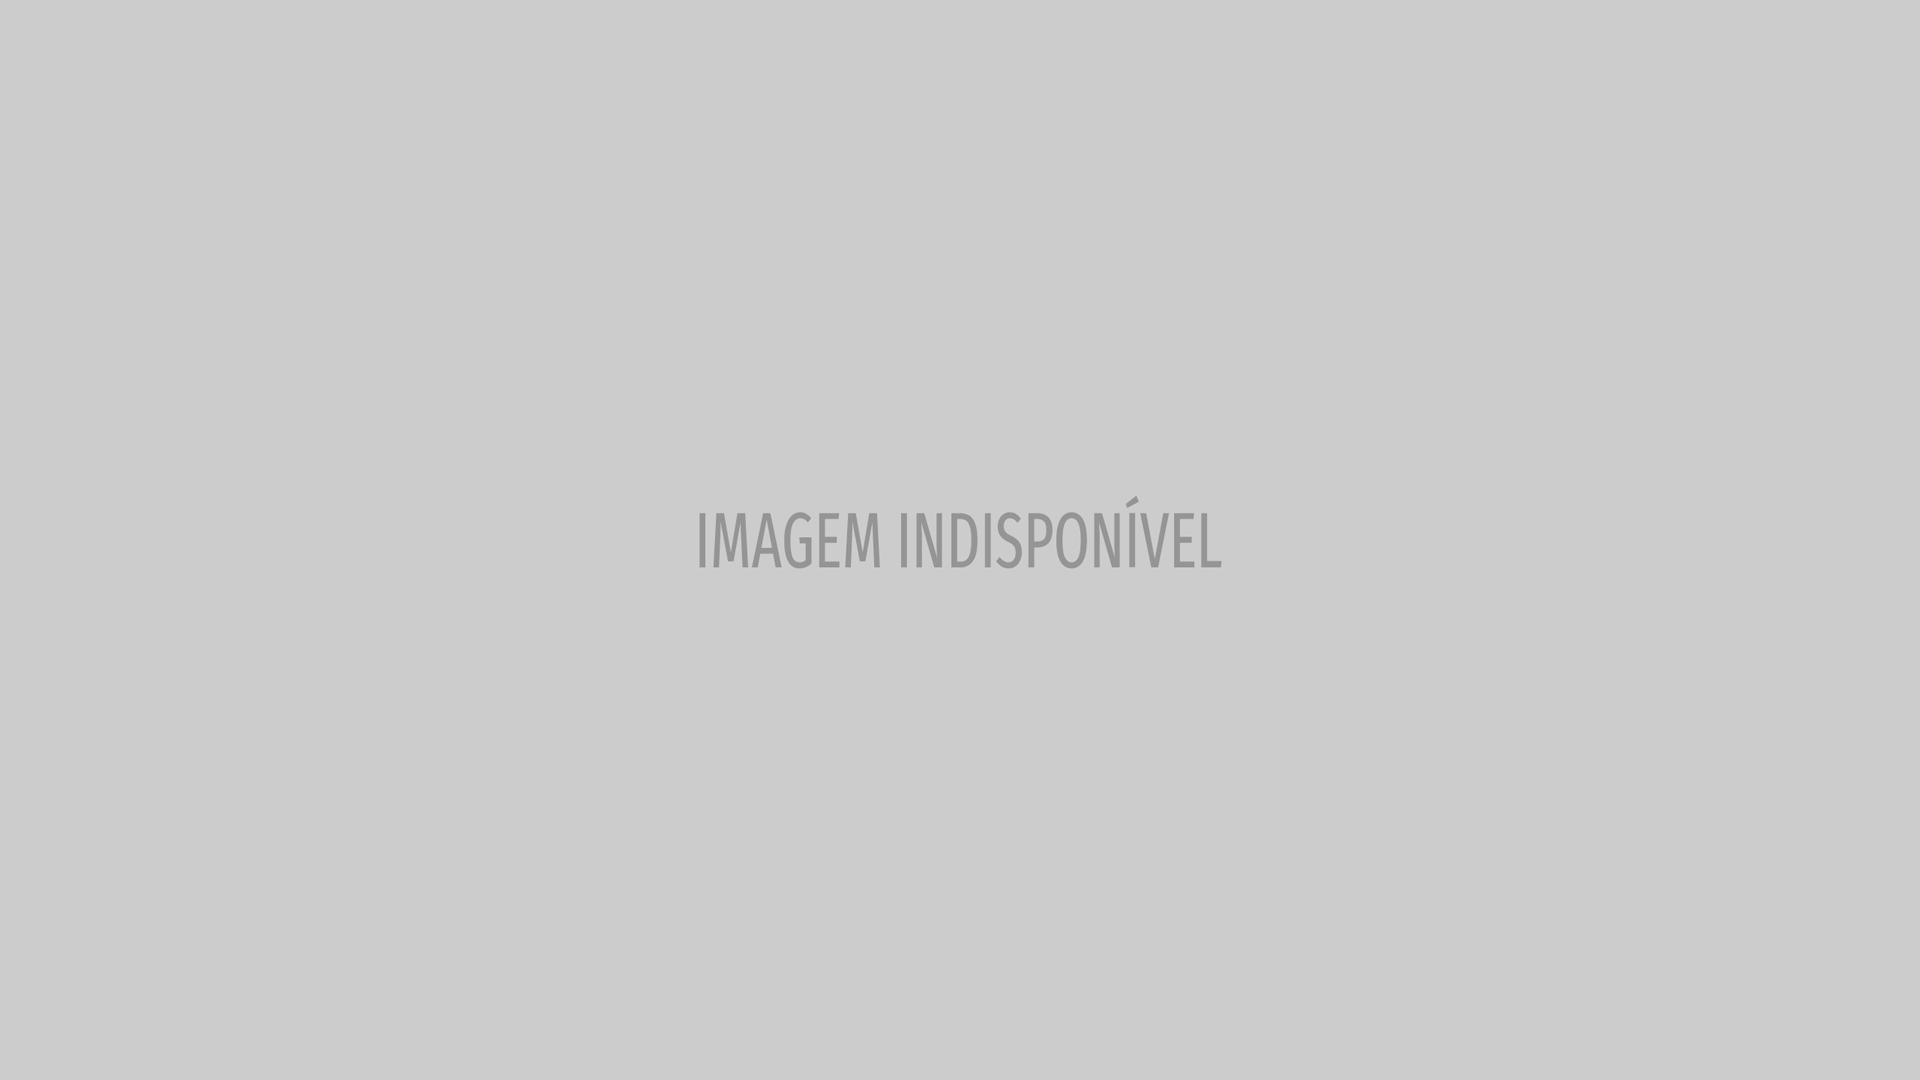 Conheça o lado mais descontraído do dono do Facebook